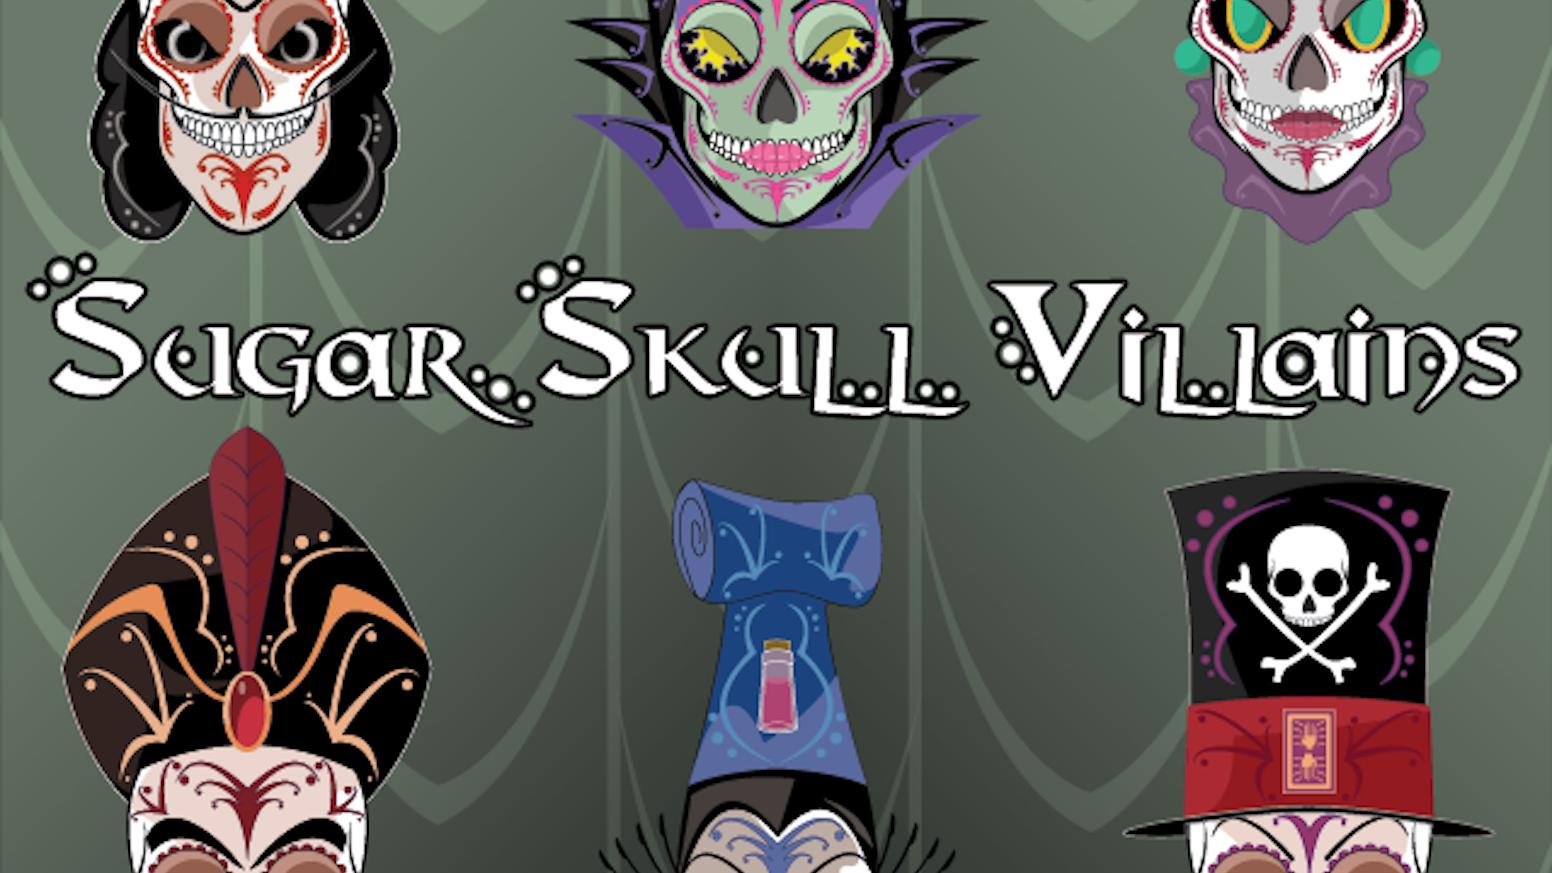 Sugar Skull Villains Poster by Mickel Yantz — Kickstarter 9227001a983